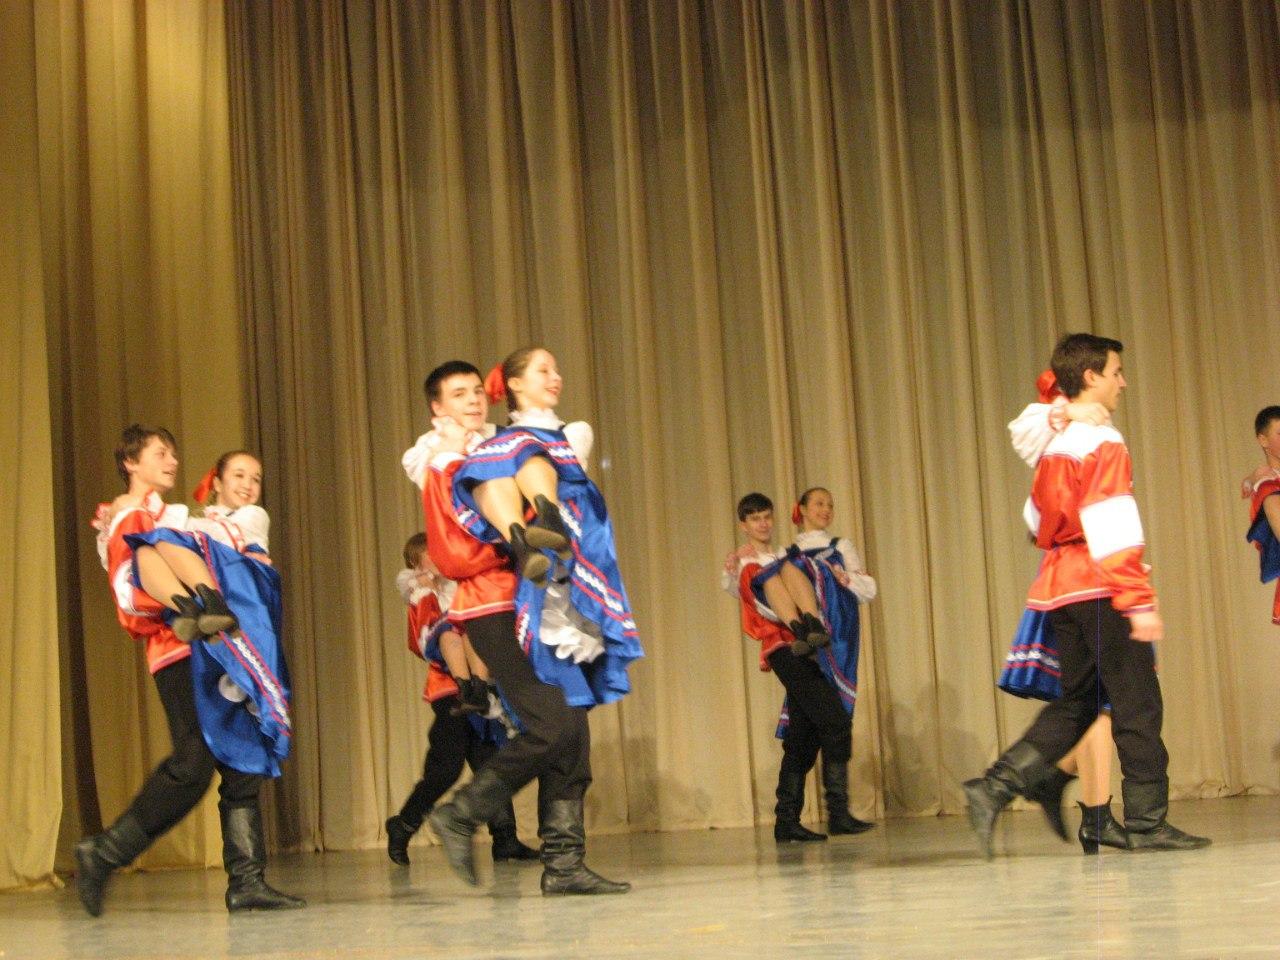 Народные танцы, этнические танцы, фольклорные танцы, танцы народов мира